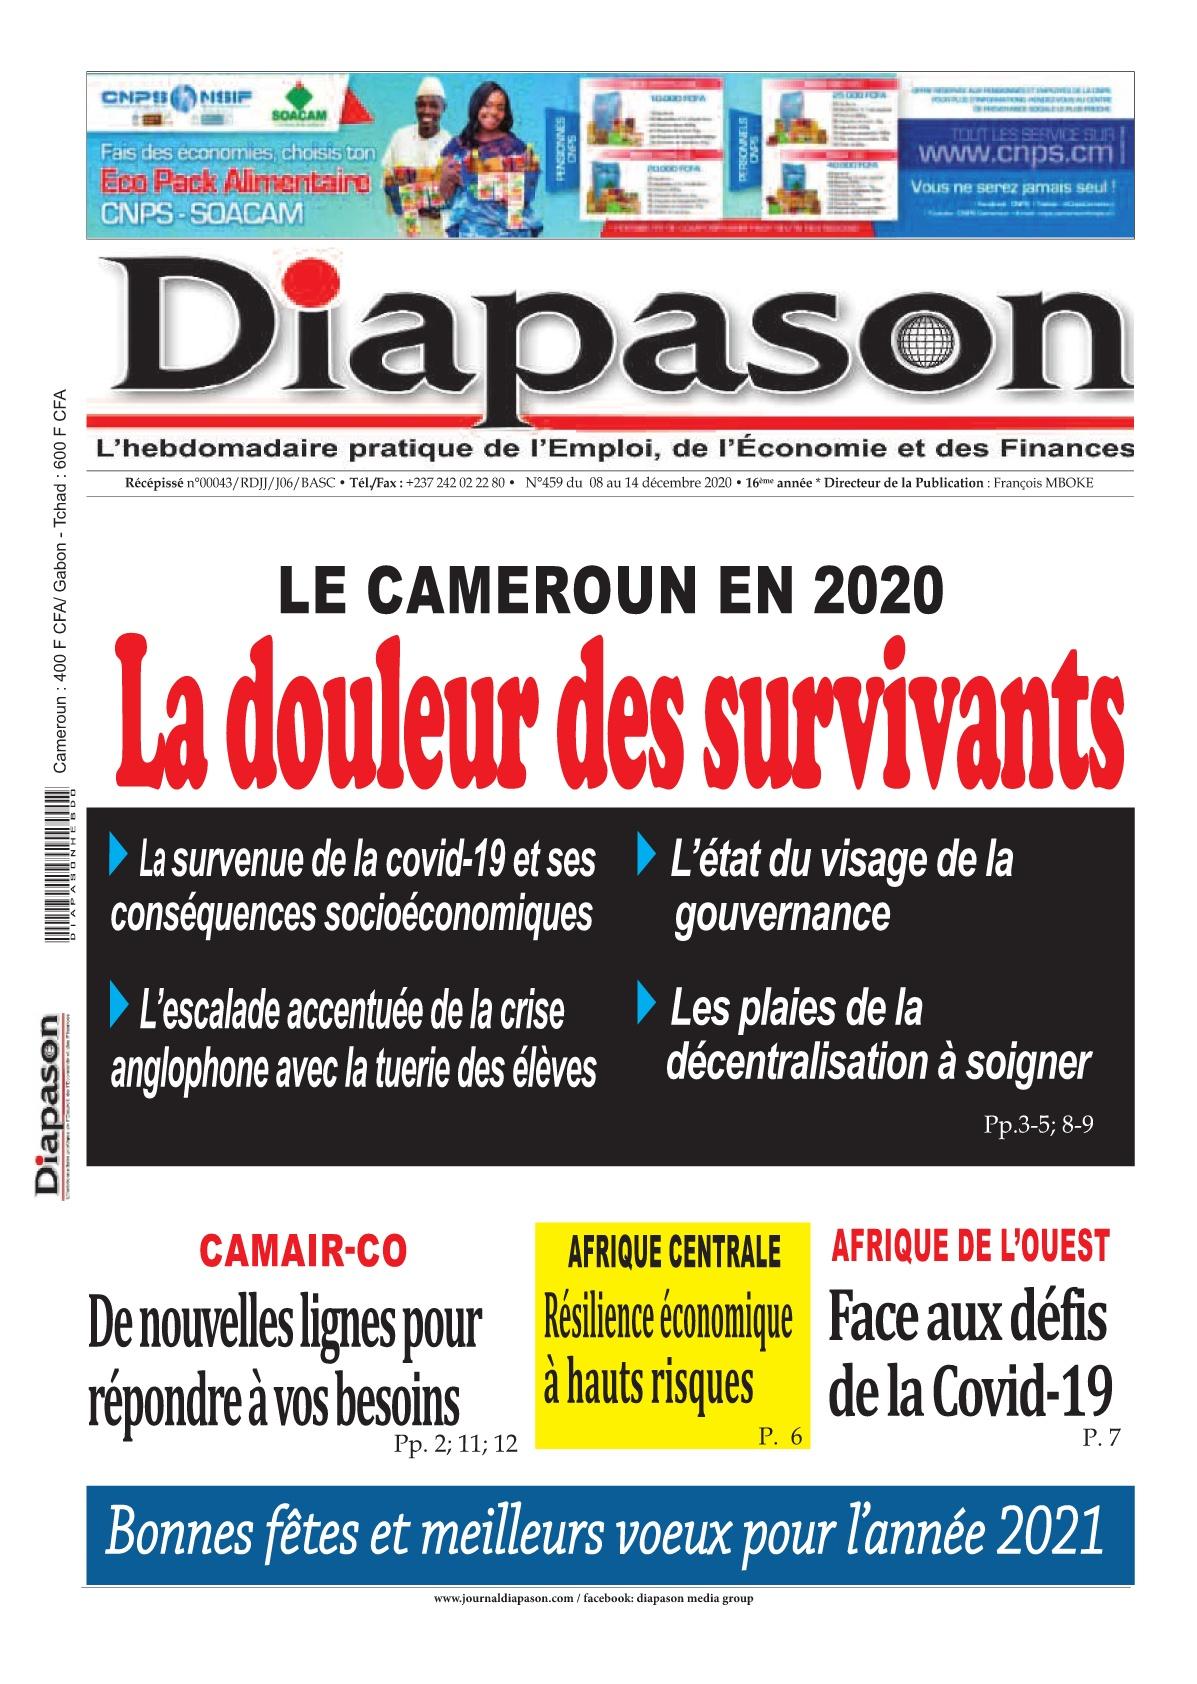 Diapason - 09/12/2020